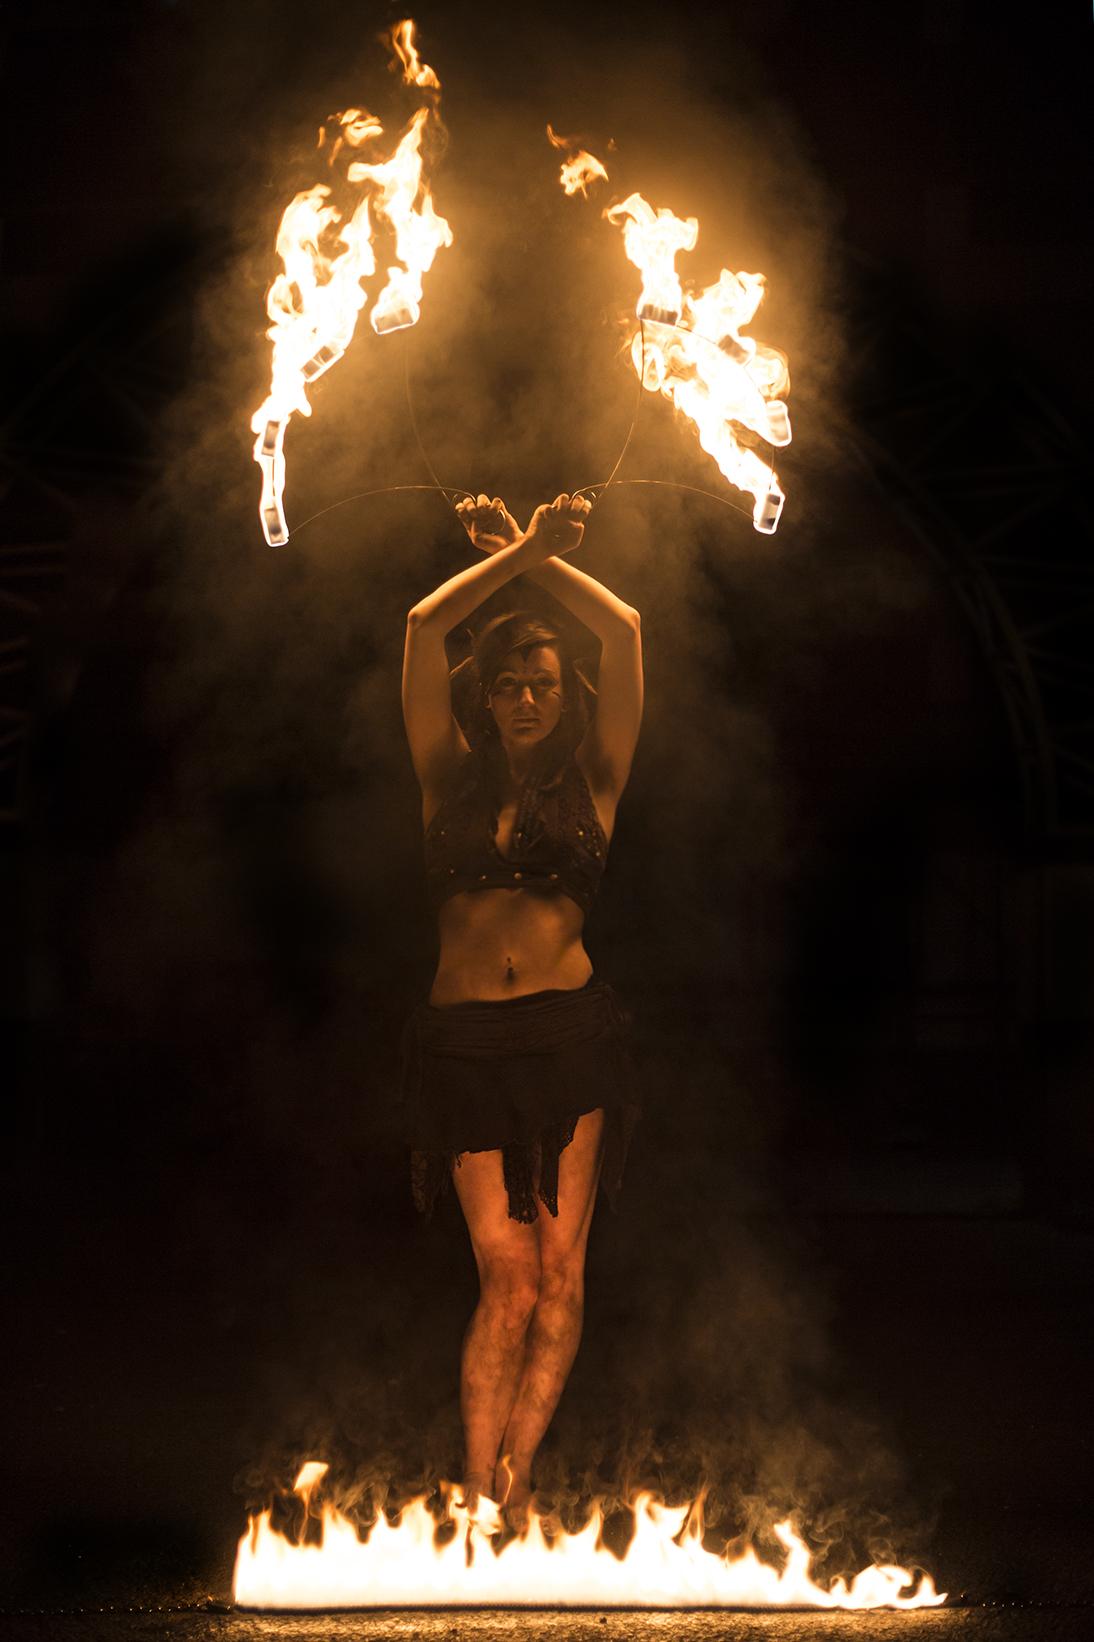 Fire2_websize.jpg